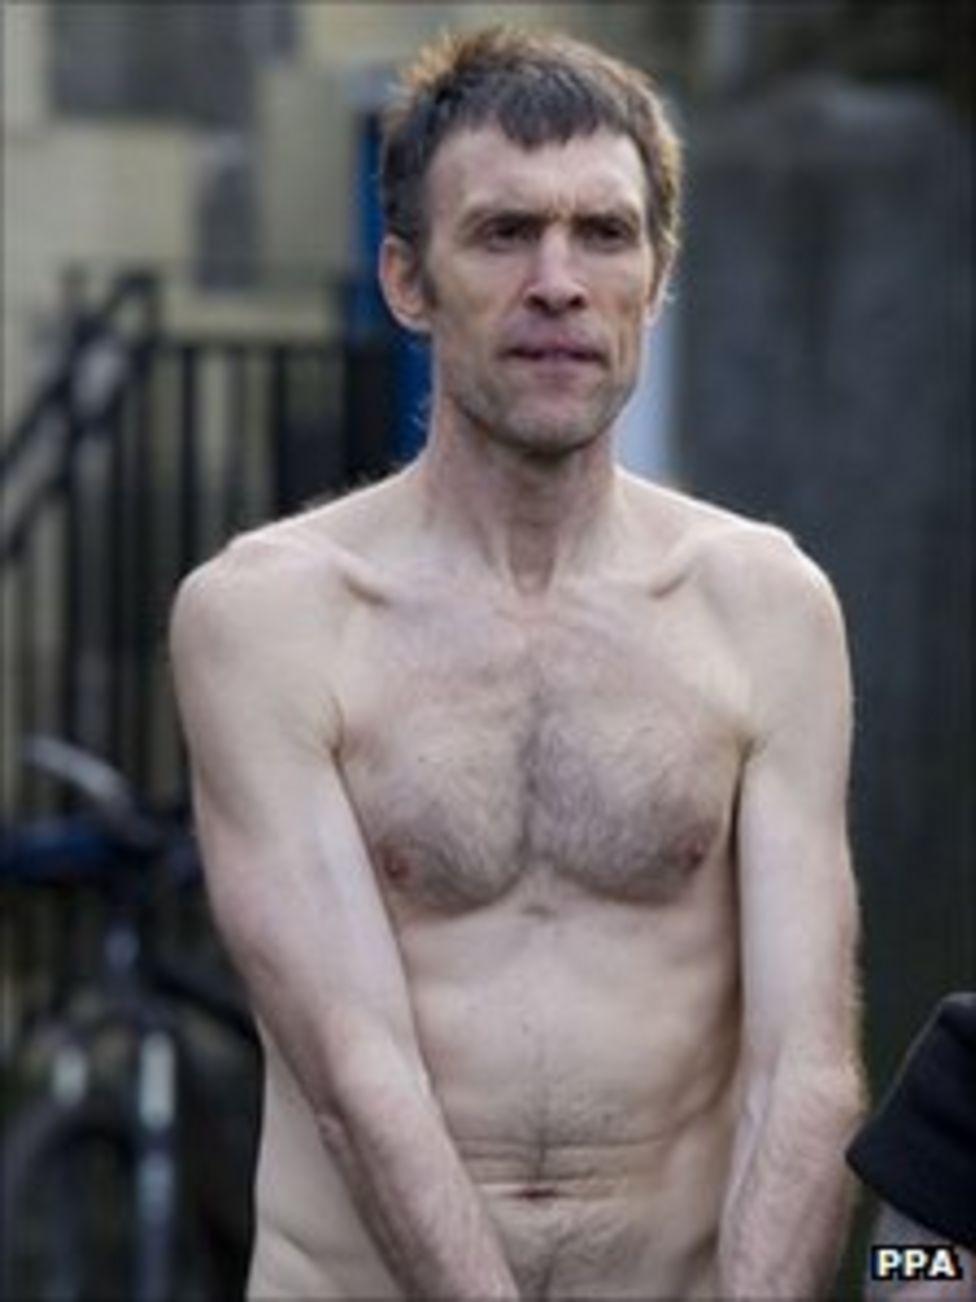 Naked Rambler Stephen Gough Makes His Way South Following